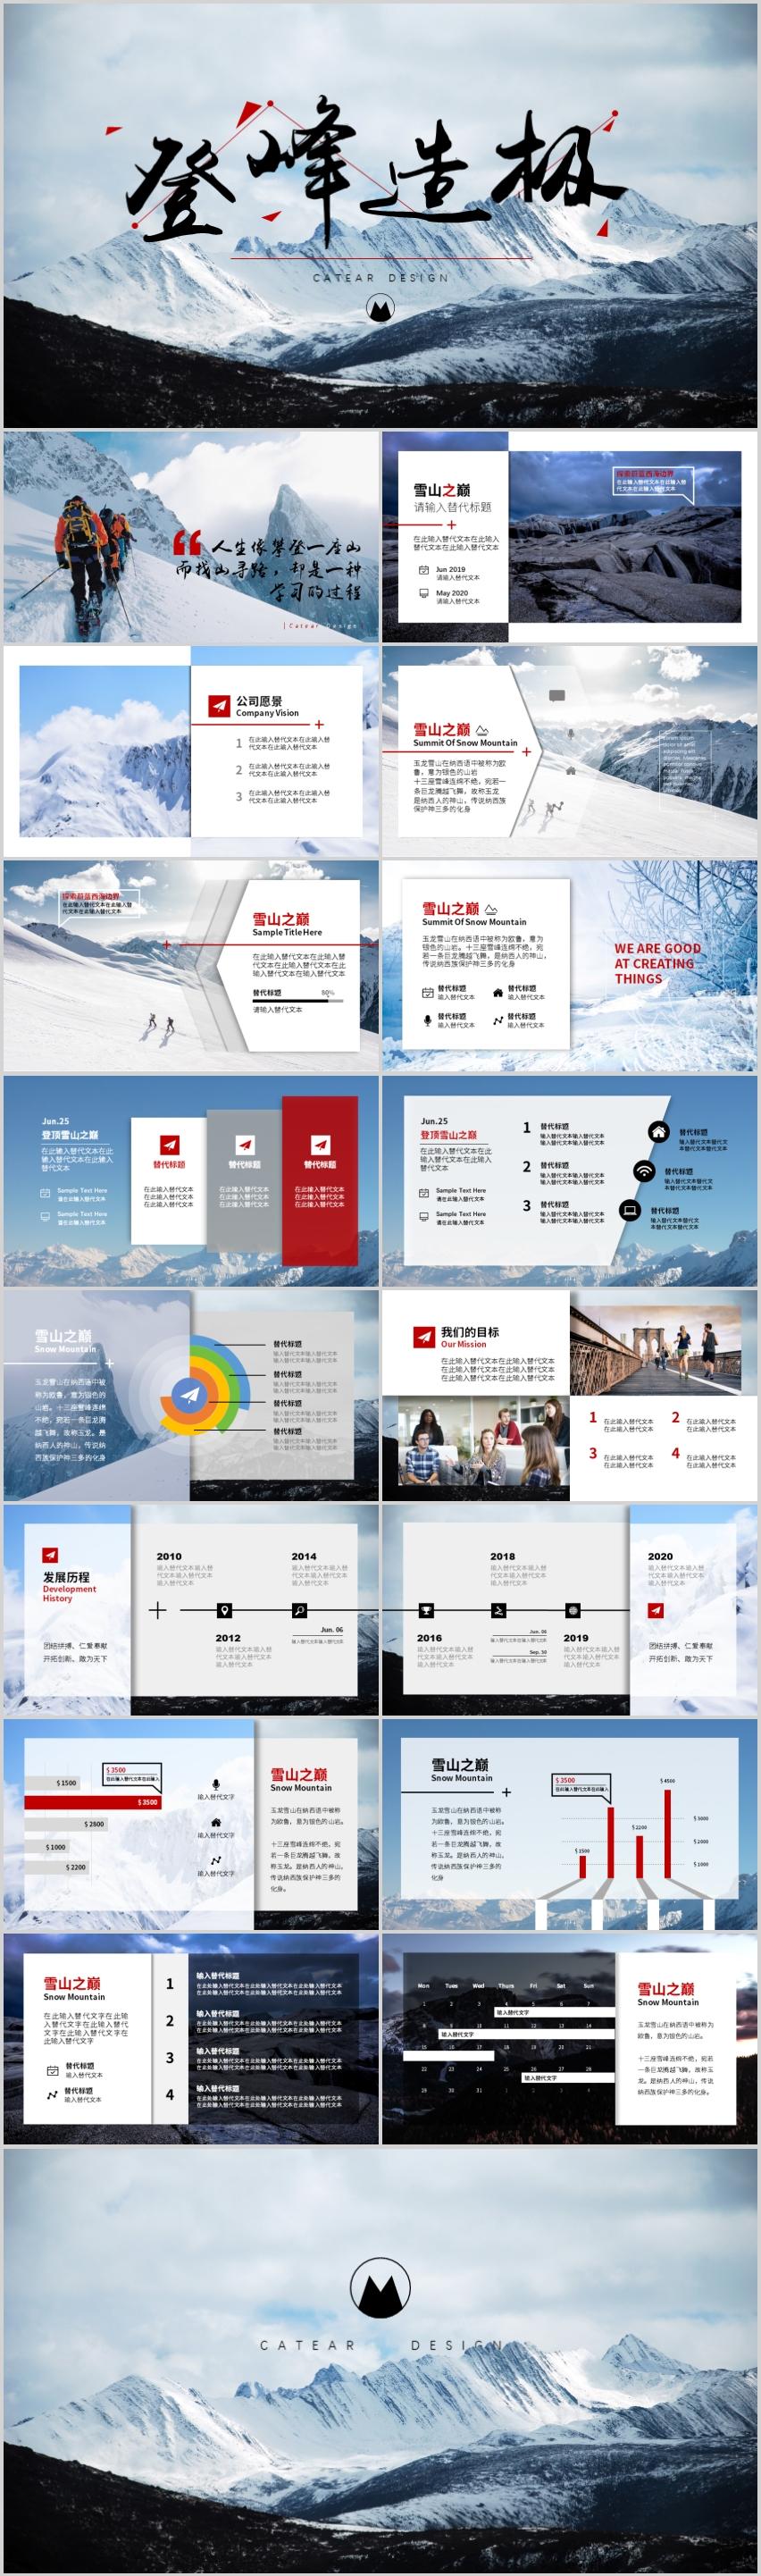 【猫耳朵】登顶雪山红黑高端简约公司宣传汇报总结PPT动态模板